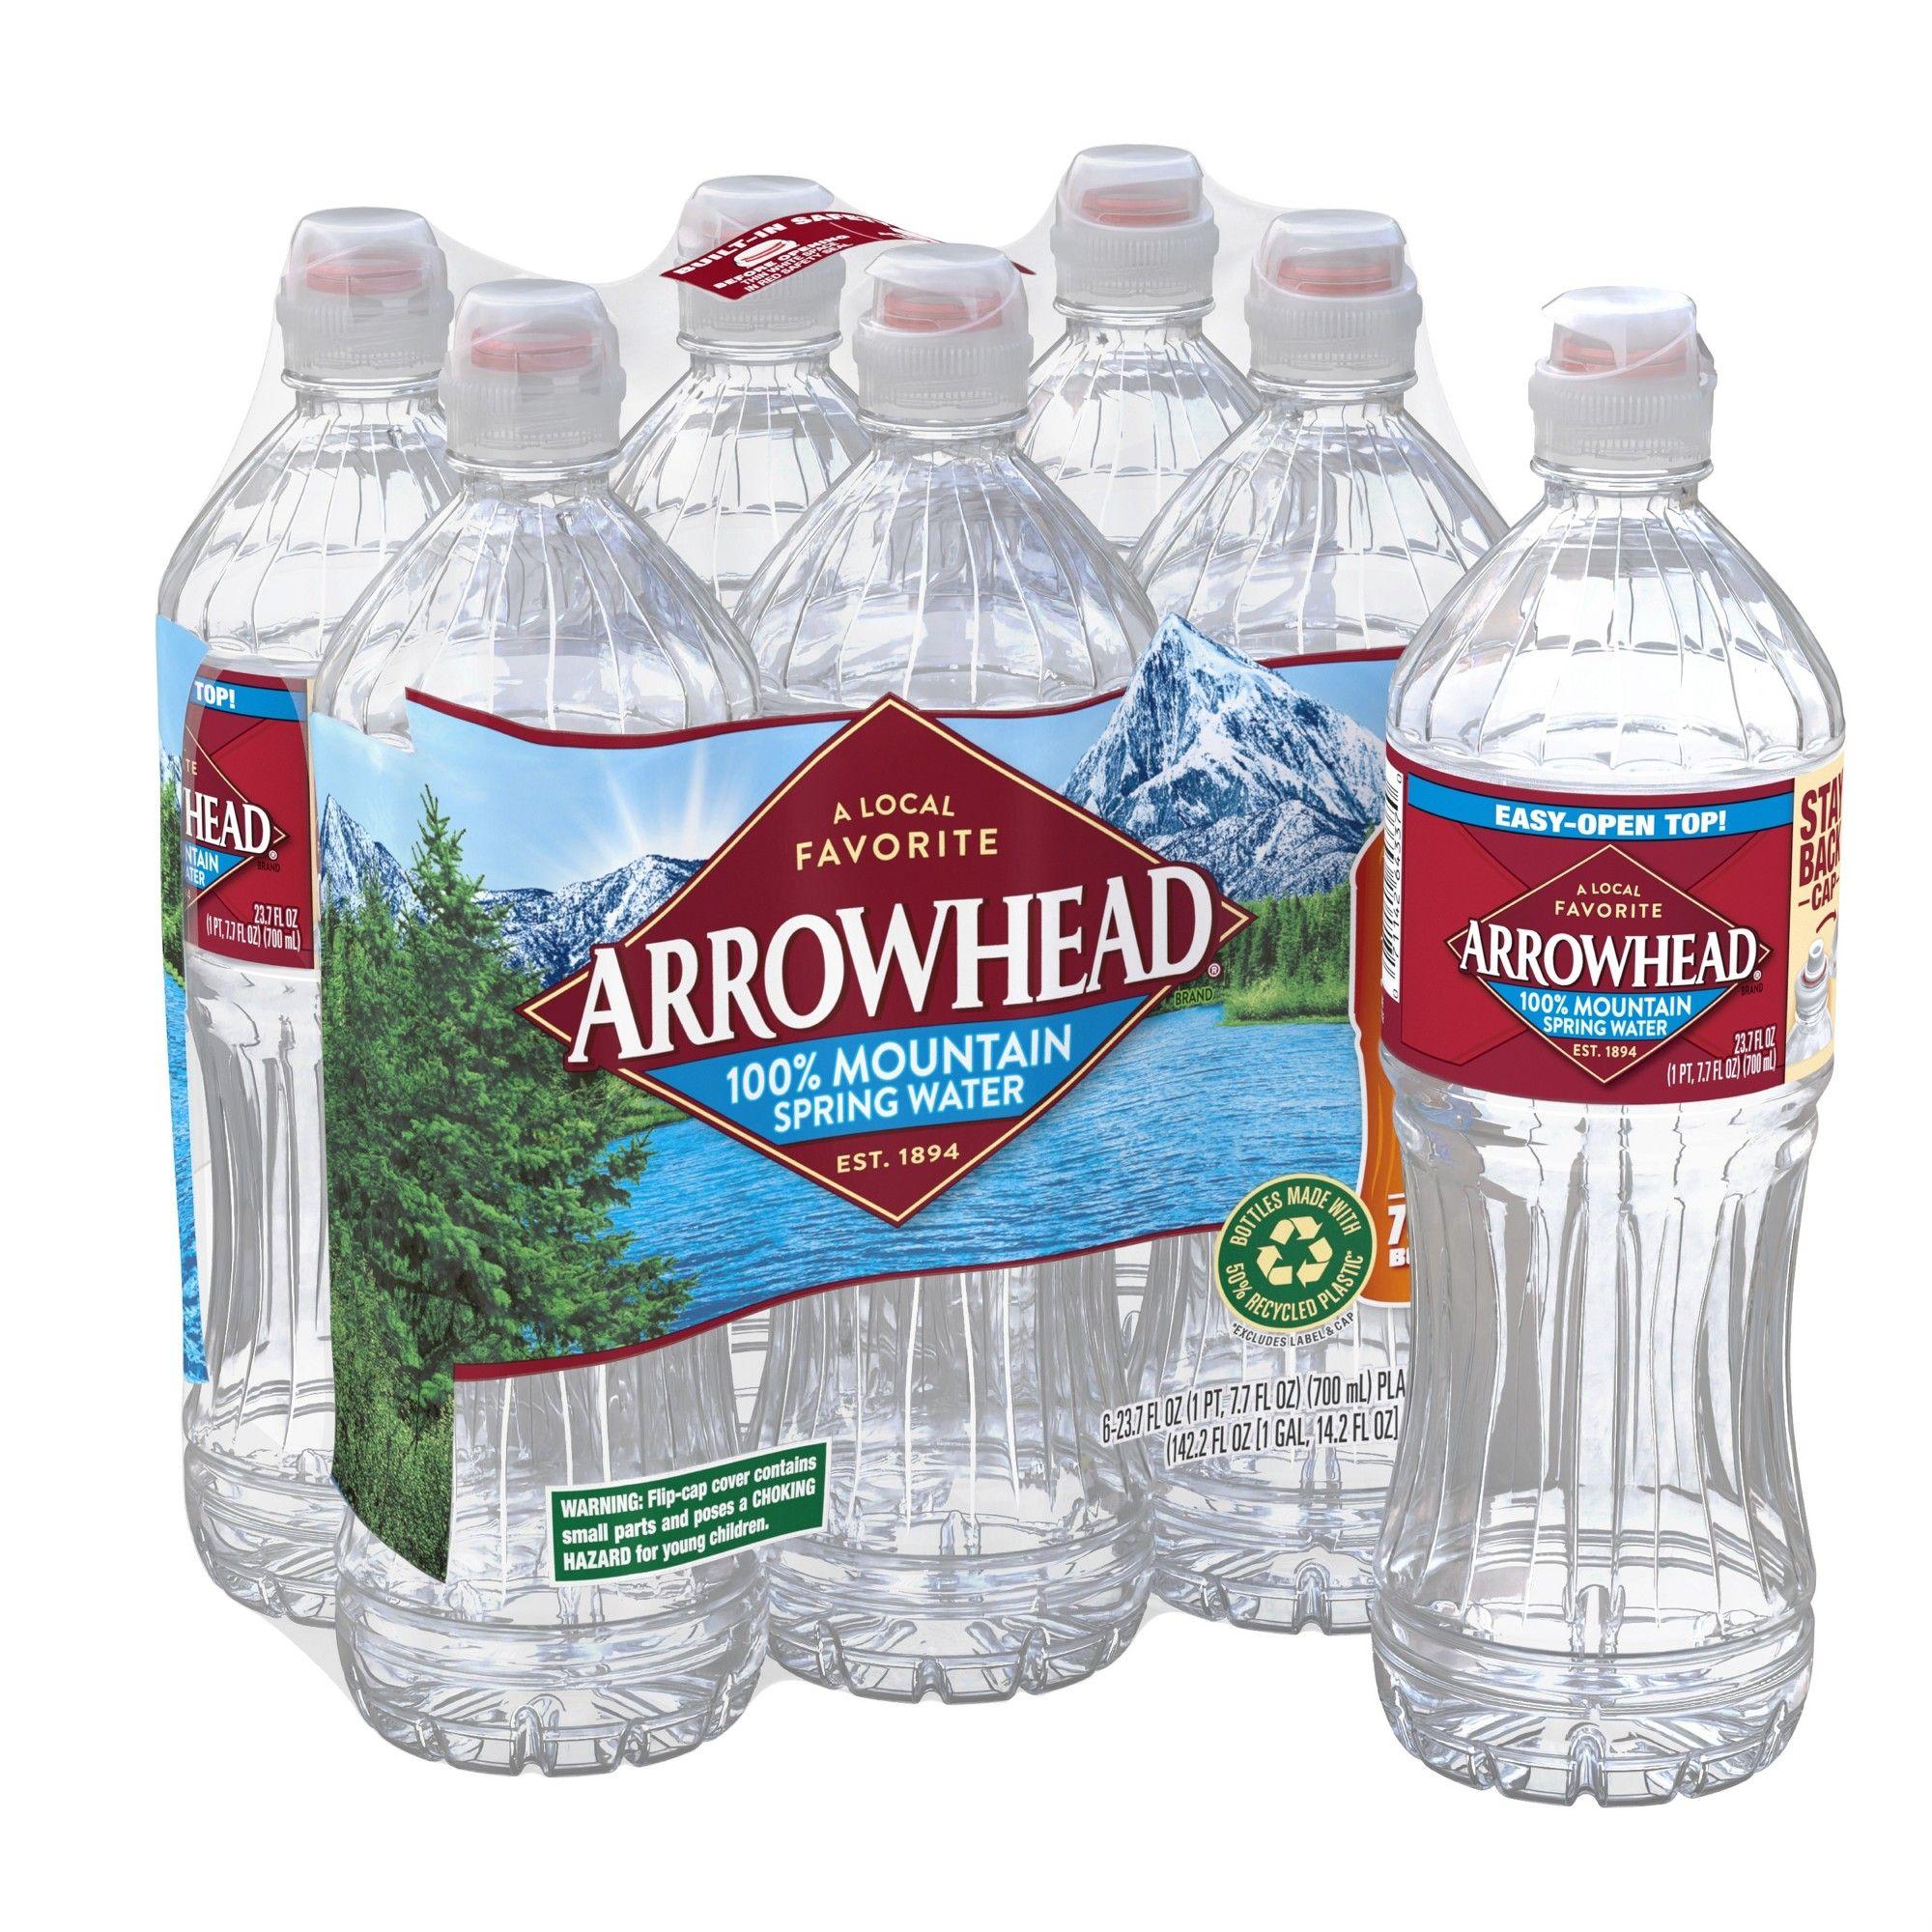 Arrowhead Brand 100 Mountain Spring Water 6pk 23 7 Fl Oz Sports Cap Bottles In 2020 Mountain Spring Water Spring Water Bottle